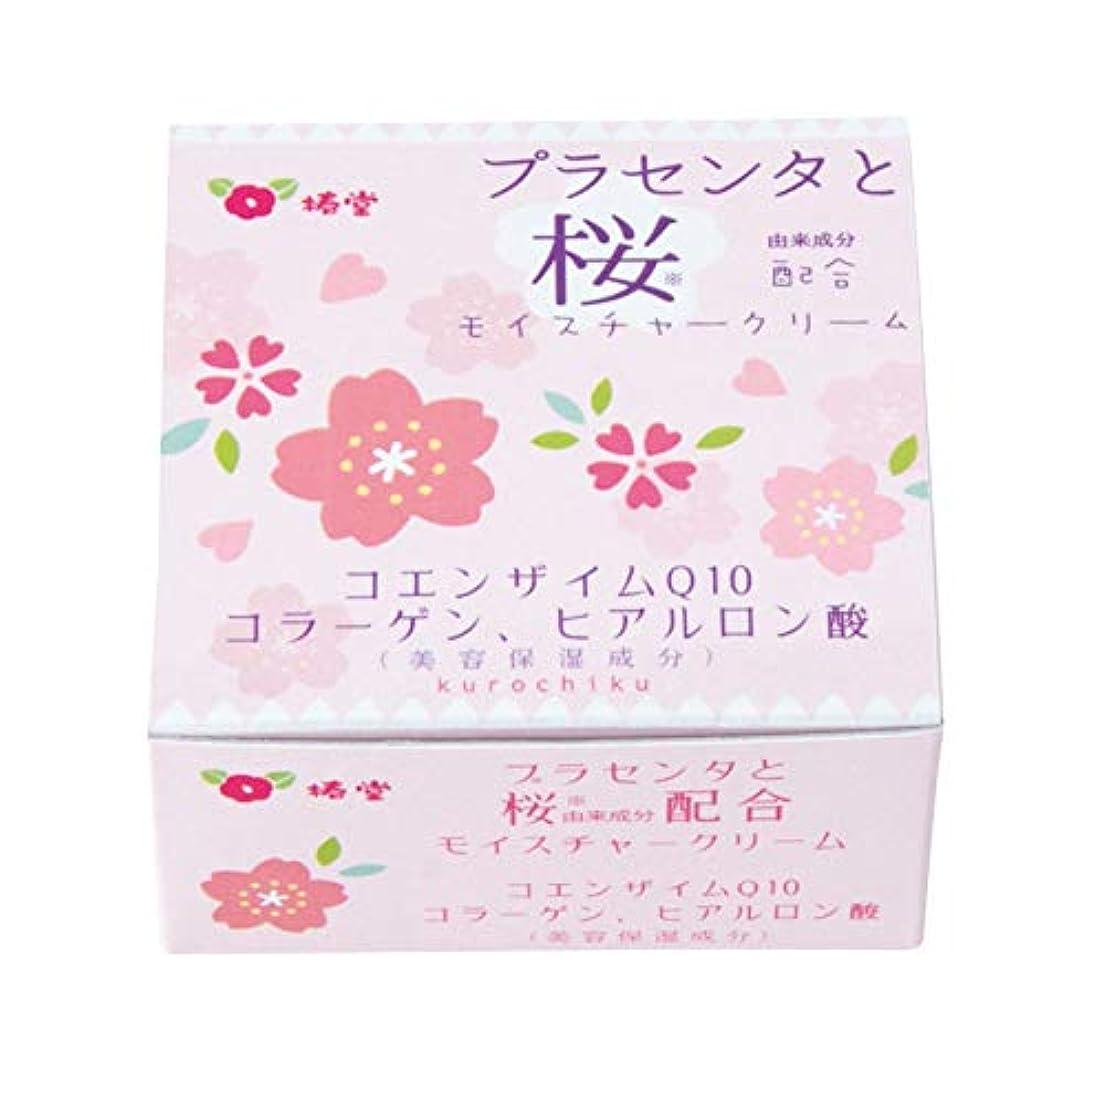 メンタリティミニ狂信者椿堂 桜モイスチャークリーム (プラセンタと桜) 京都くろちく